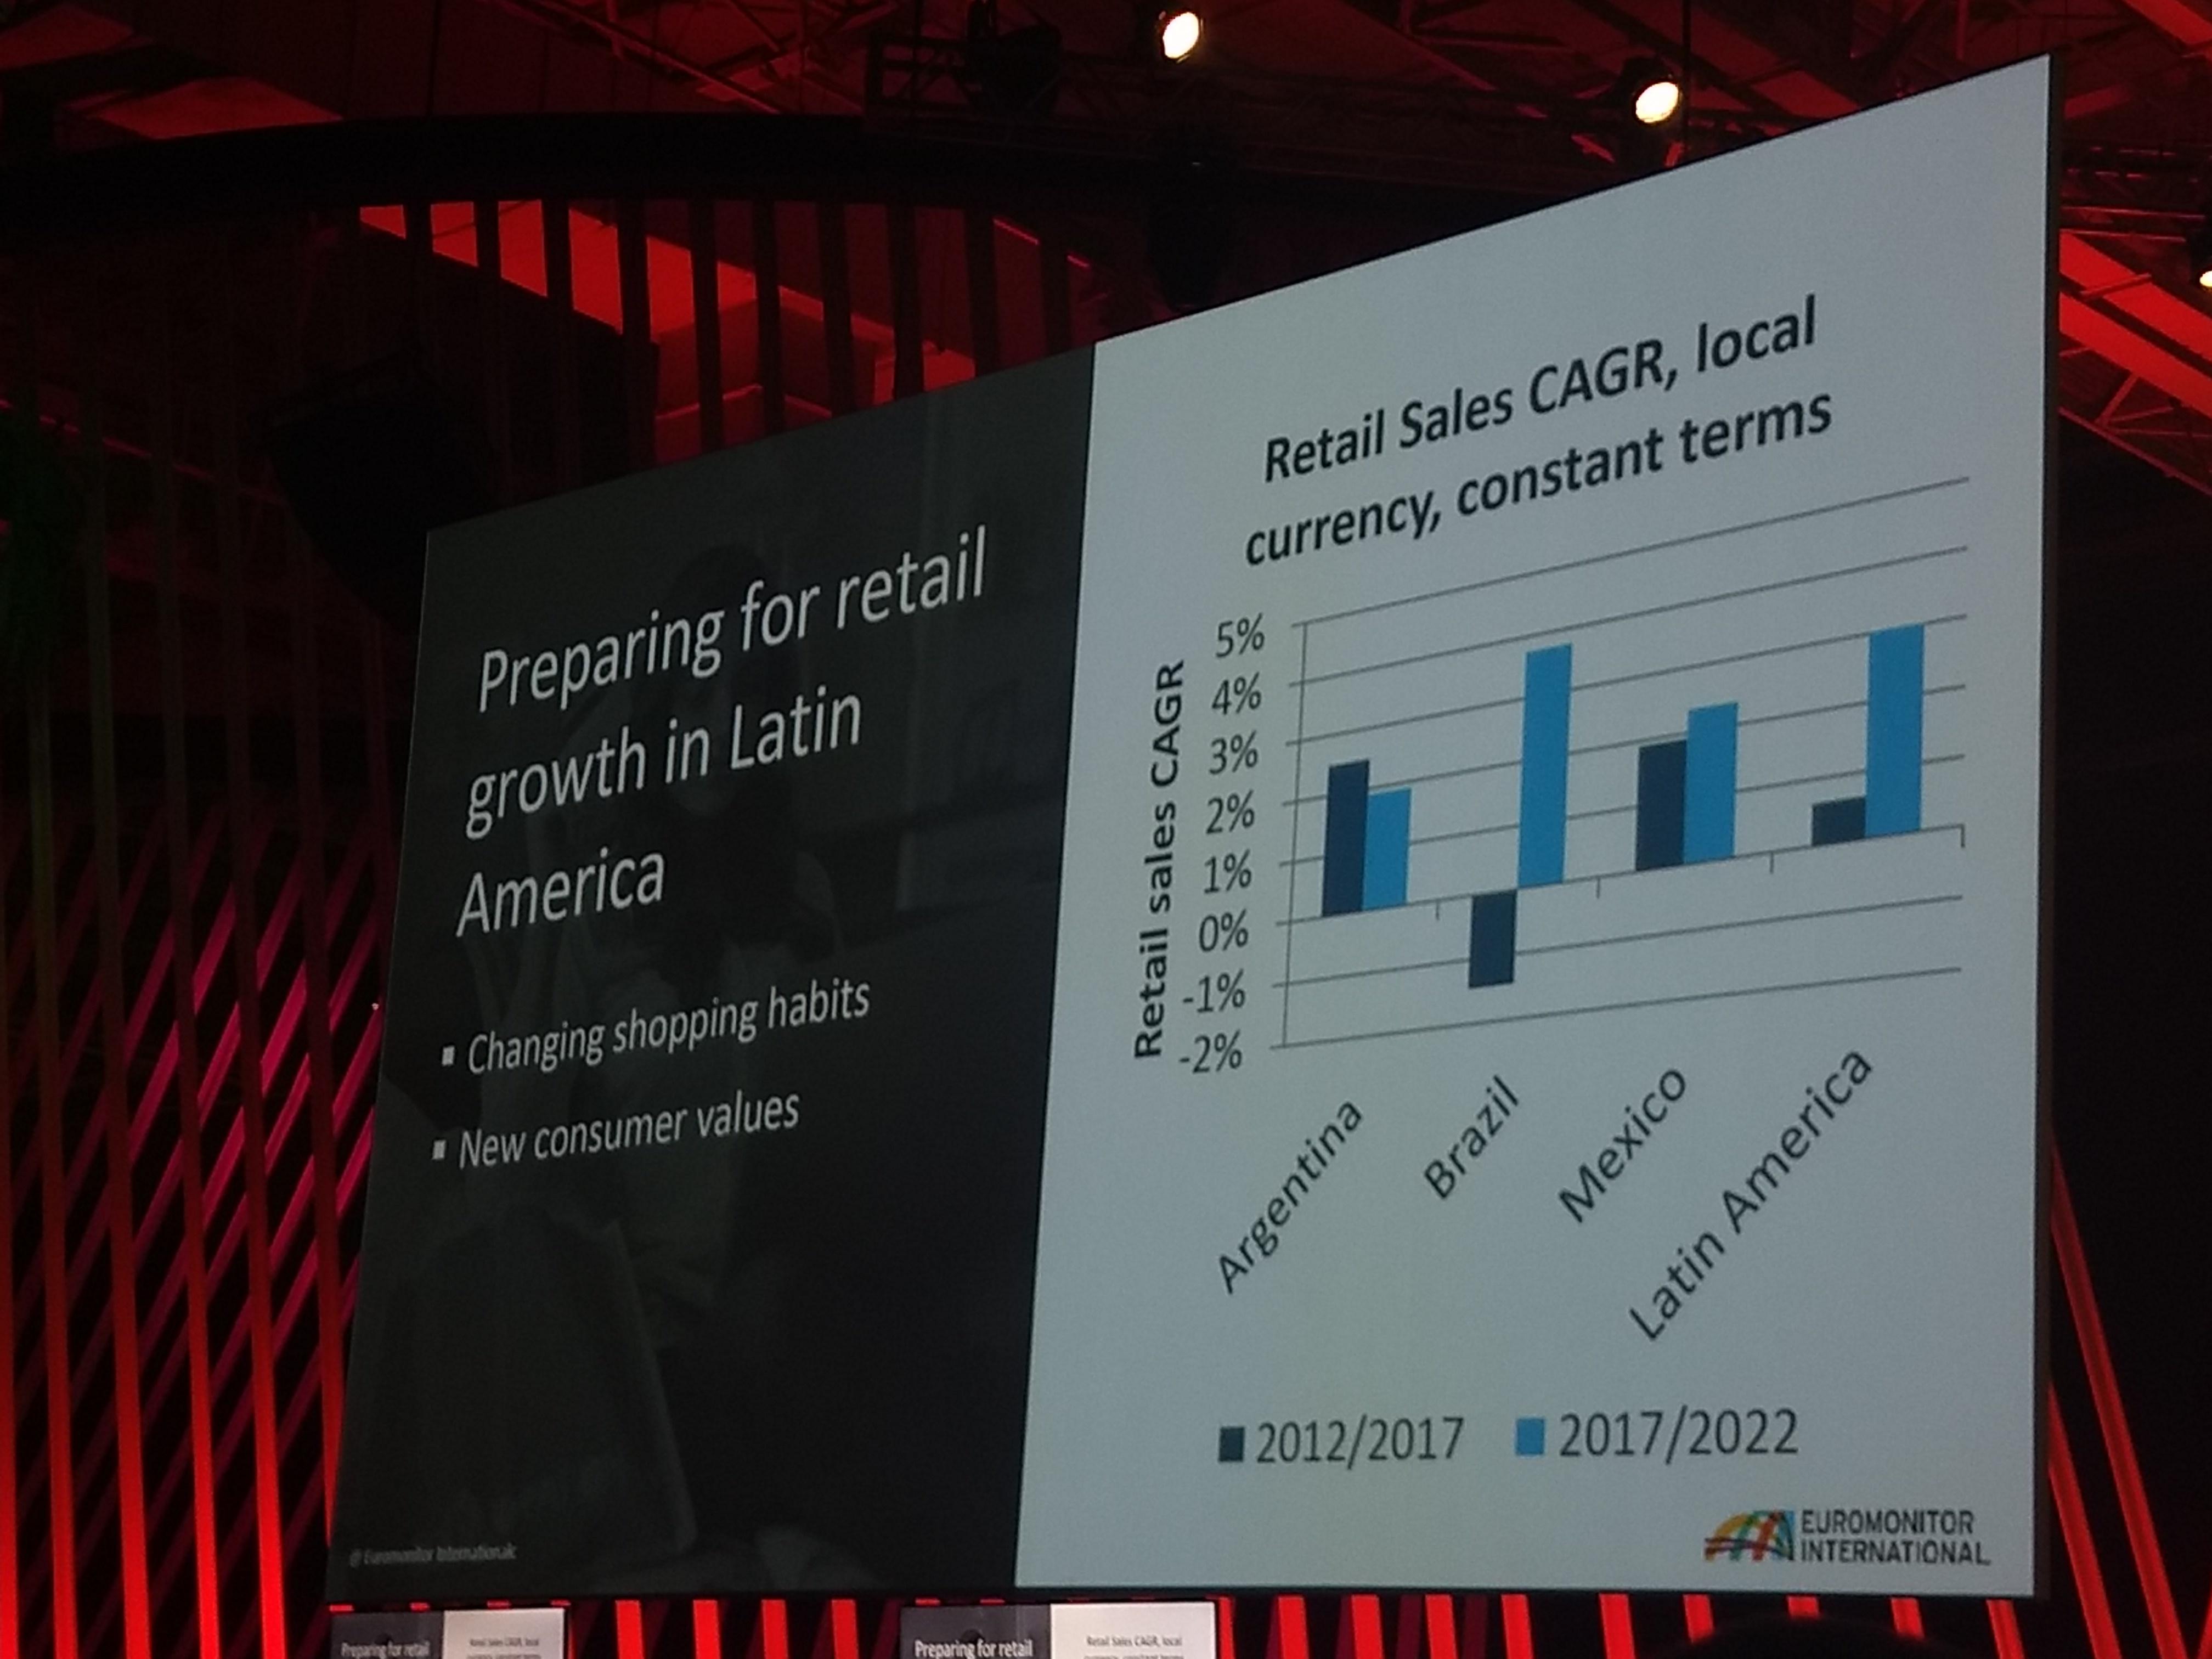 Foto de um slide com um gráfico em barras que representam o crescimento nas vendas da Argentina, Brasil, México e América Latina. O período retratado no gráfico é de 2012/2017 e 2017/2022.